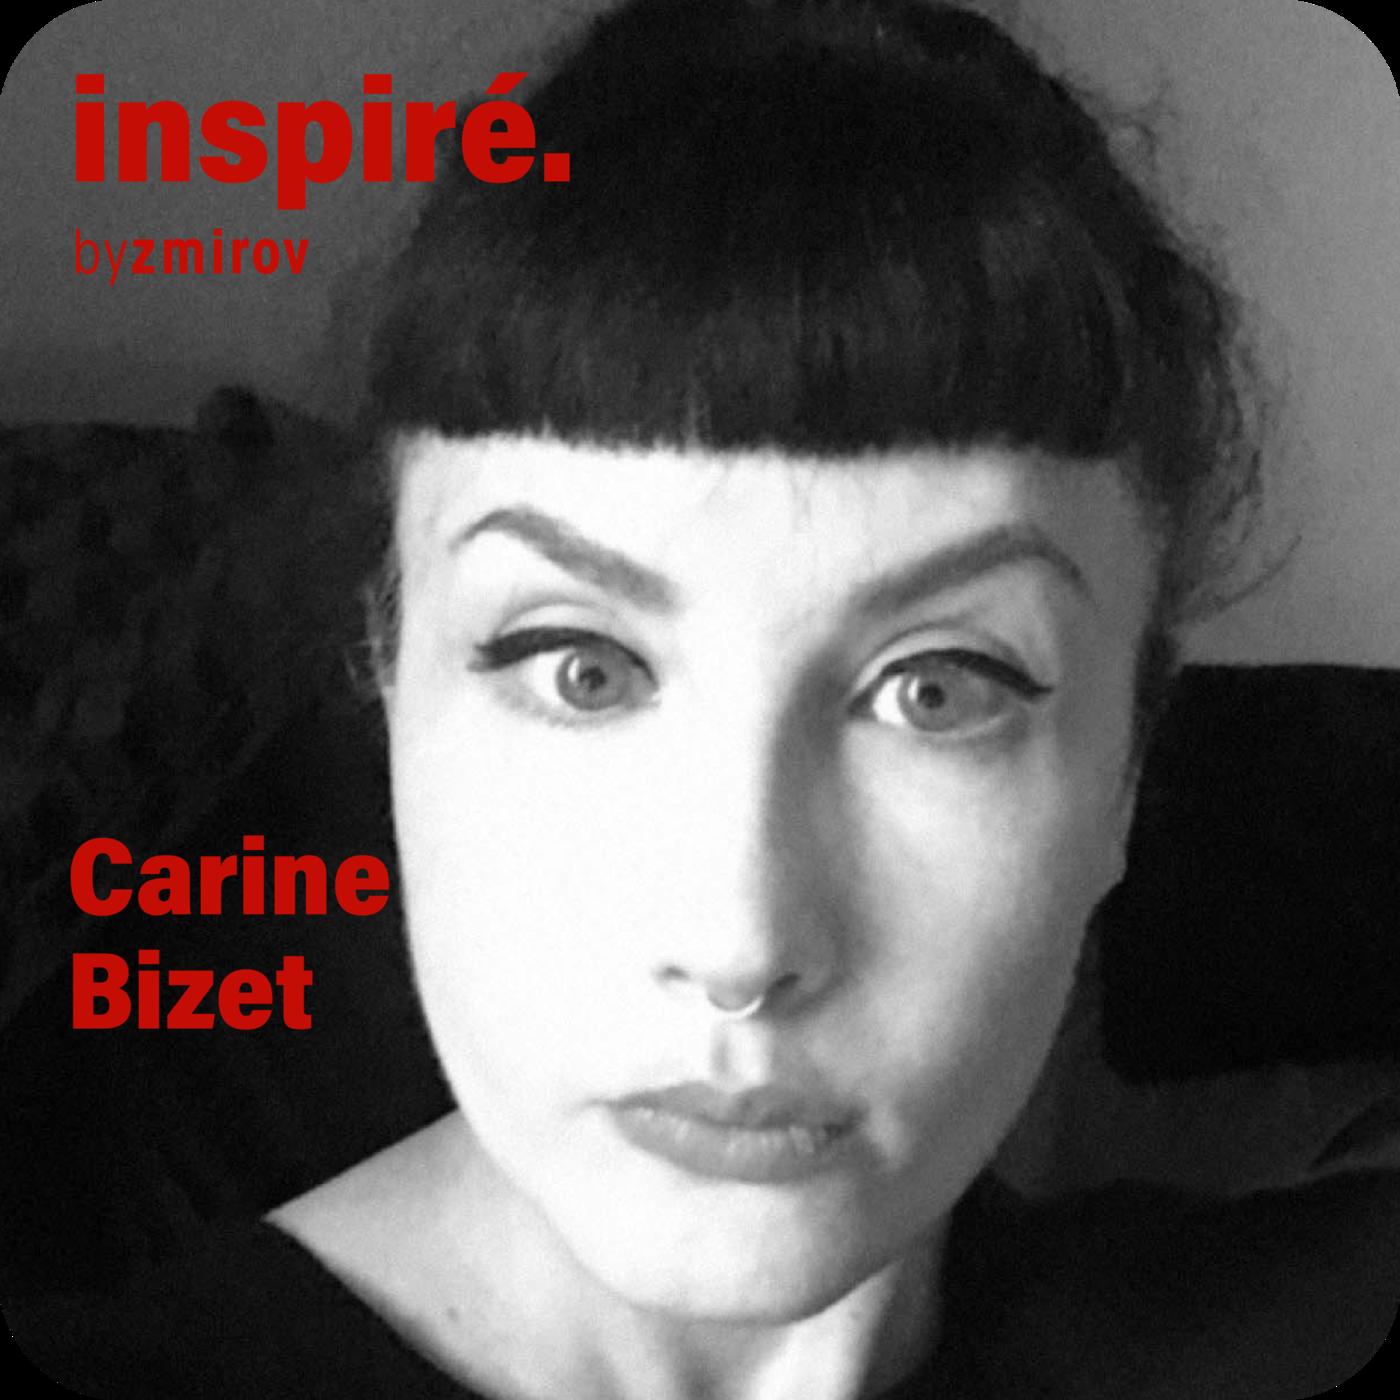 Carine Bizet